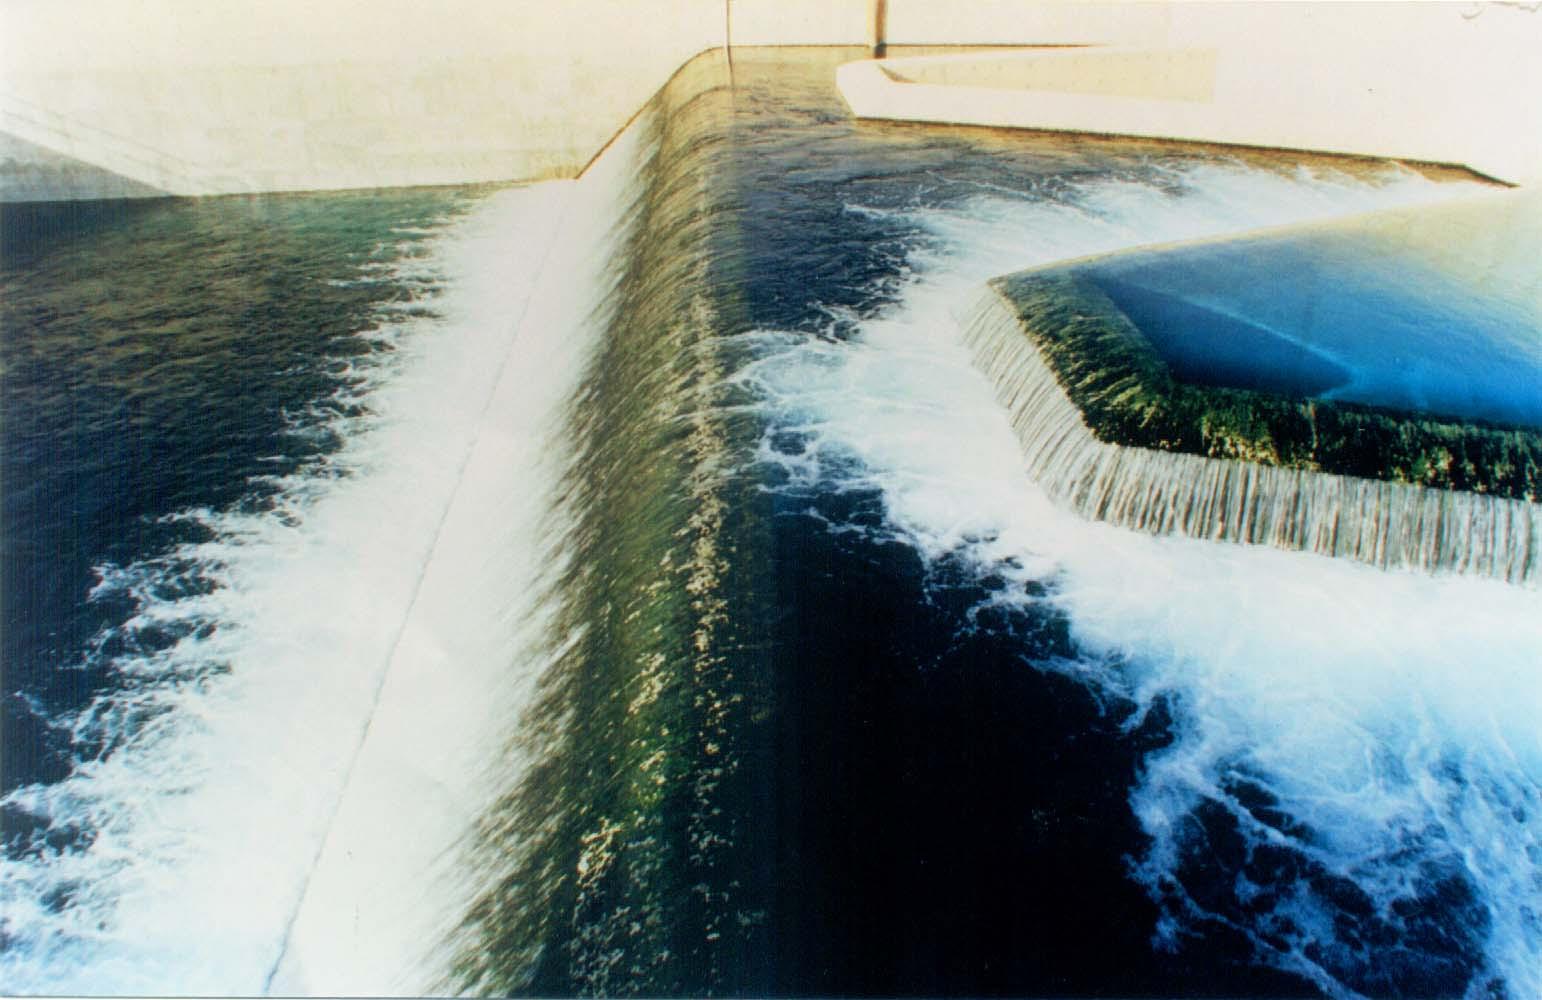 مشروع النهر الصناعي في ليبيا